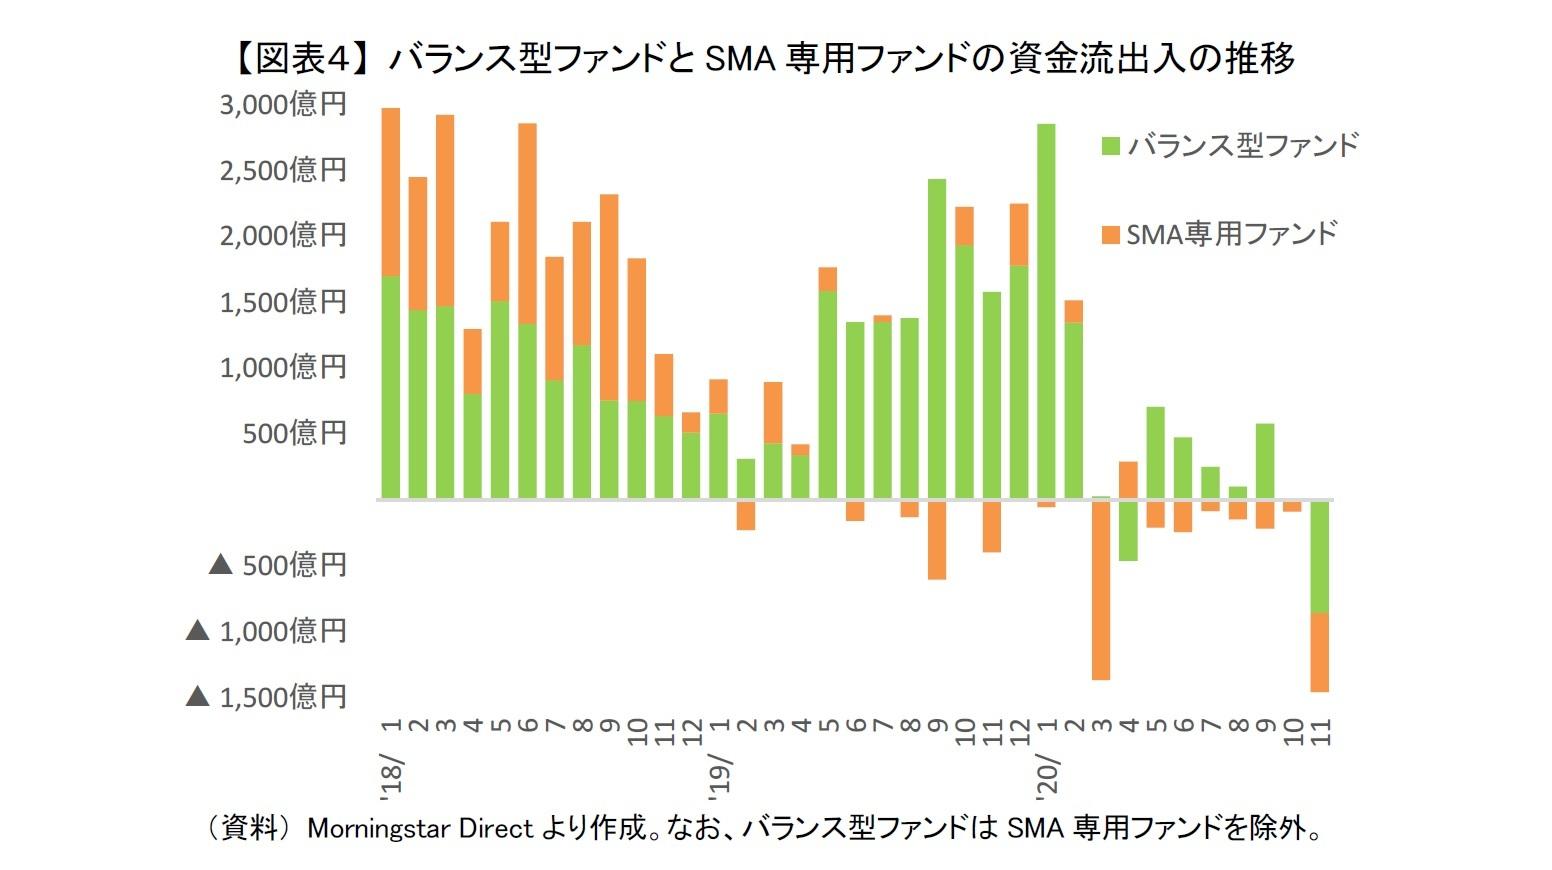 【図表4】 バランス型ファンドとSMA専用ファンドの資金流出入の推移